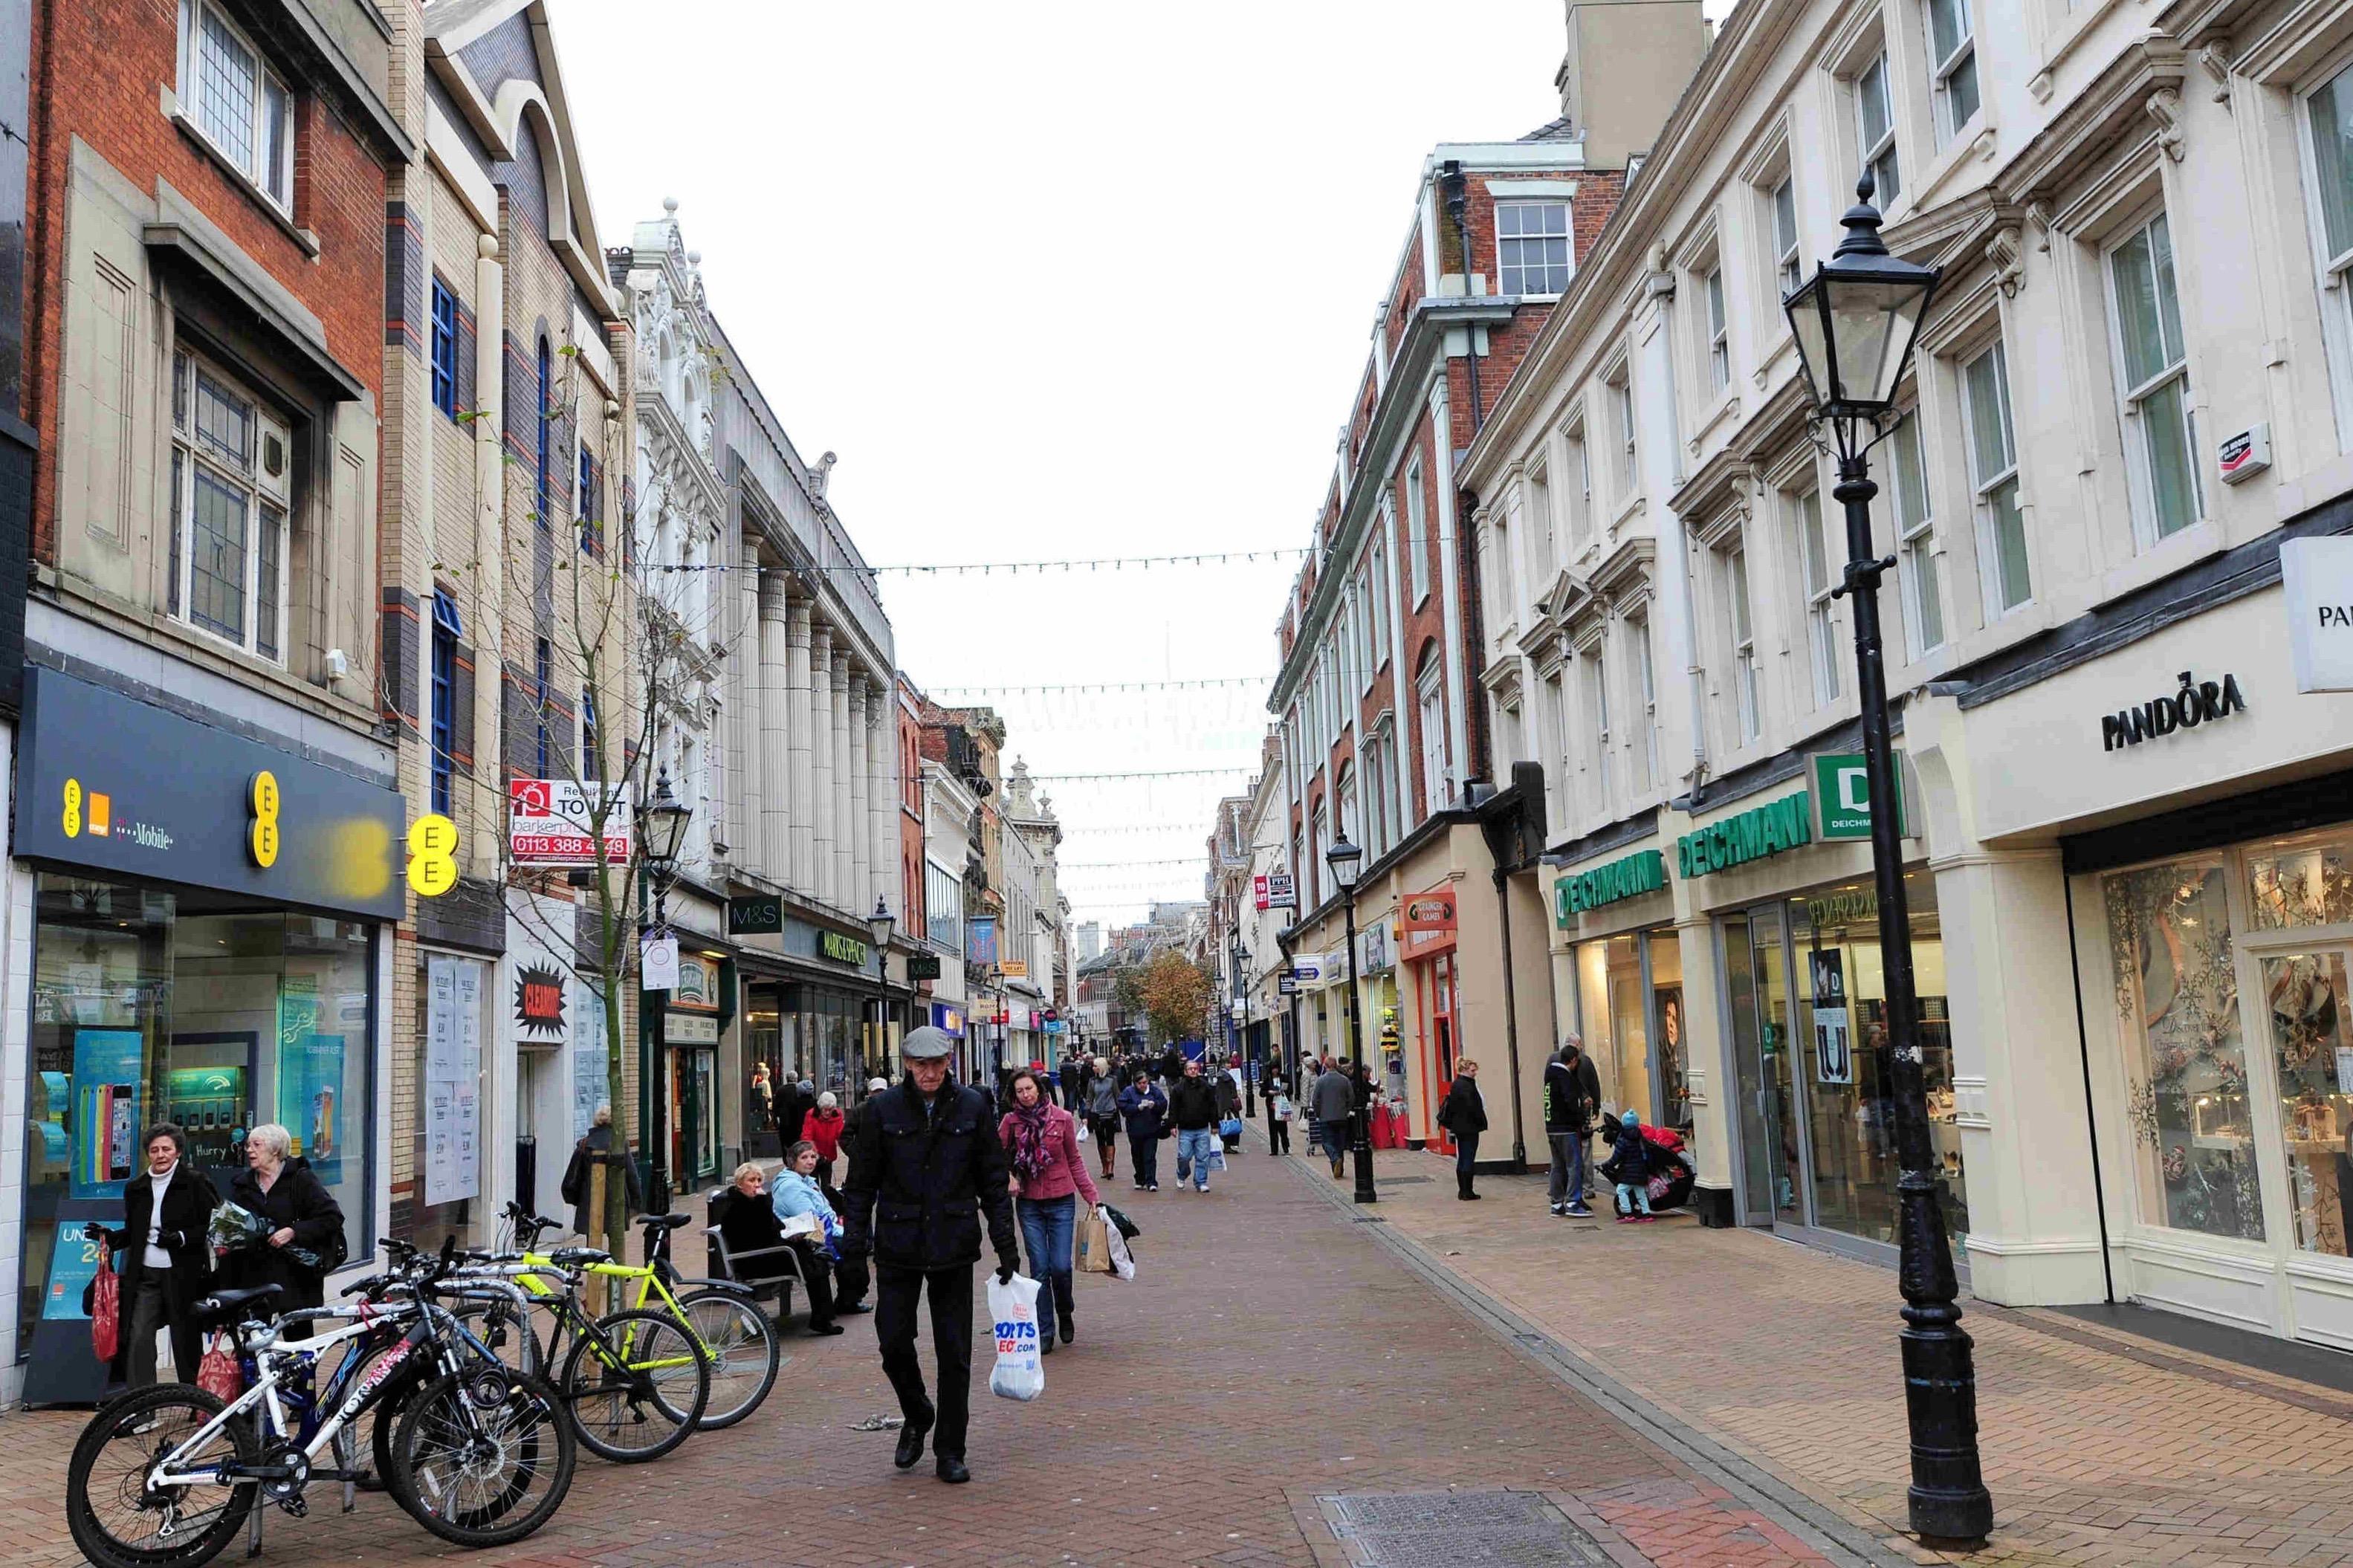 UK high Street. Photo by PA/Retail Gazette